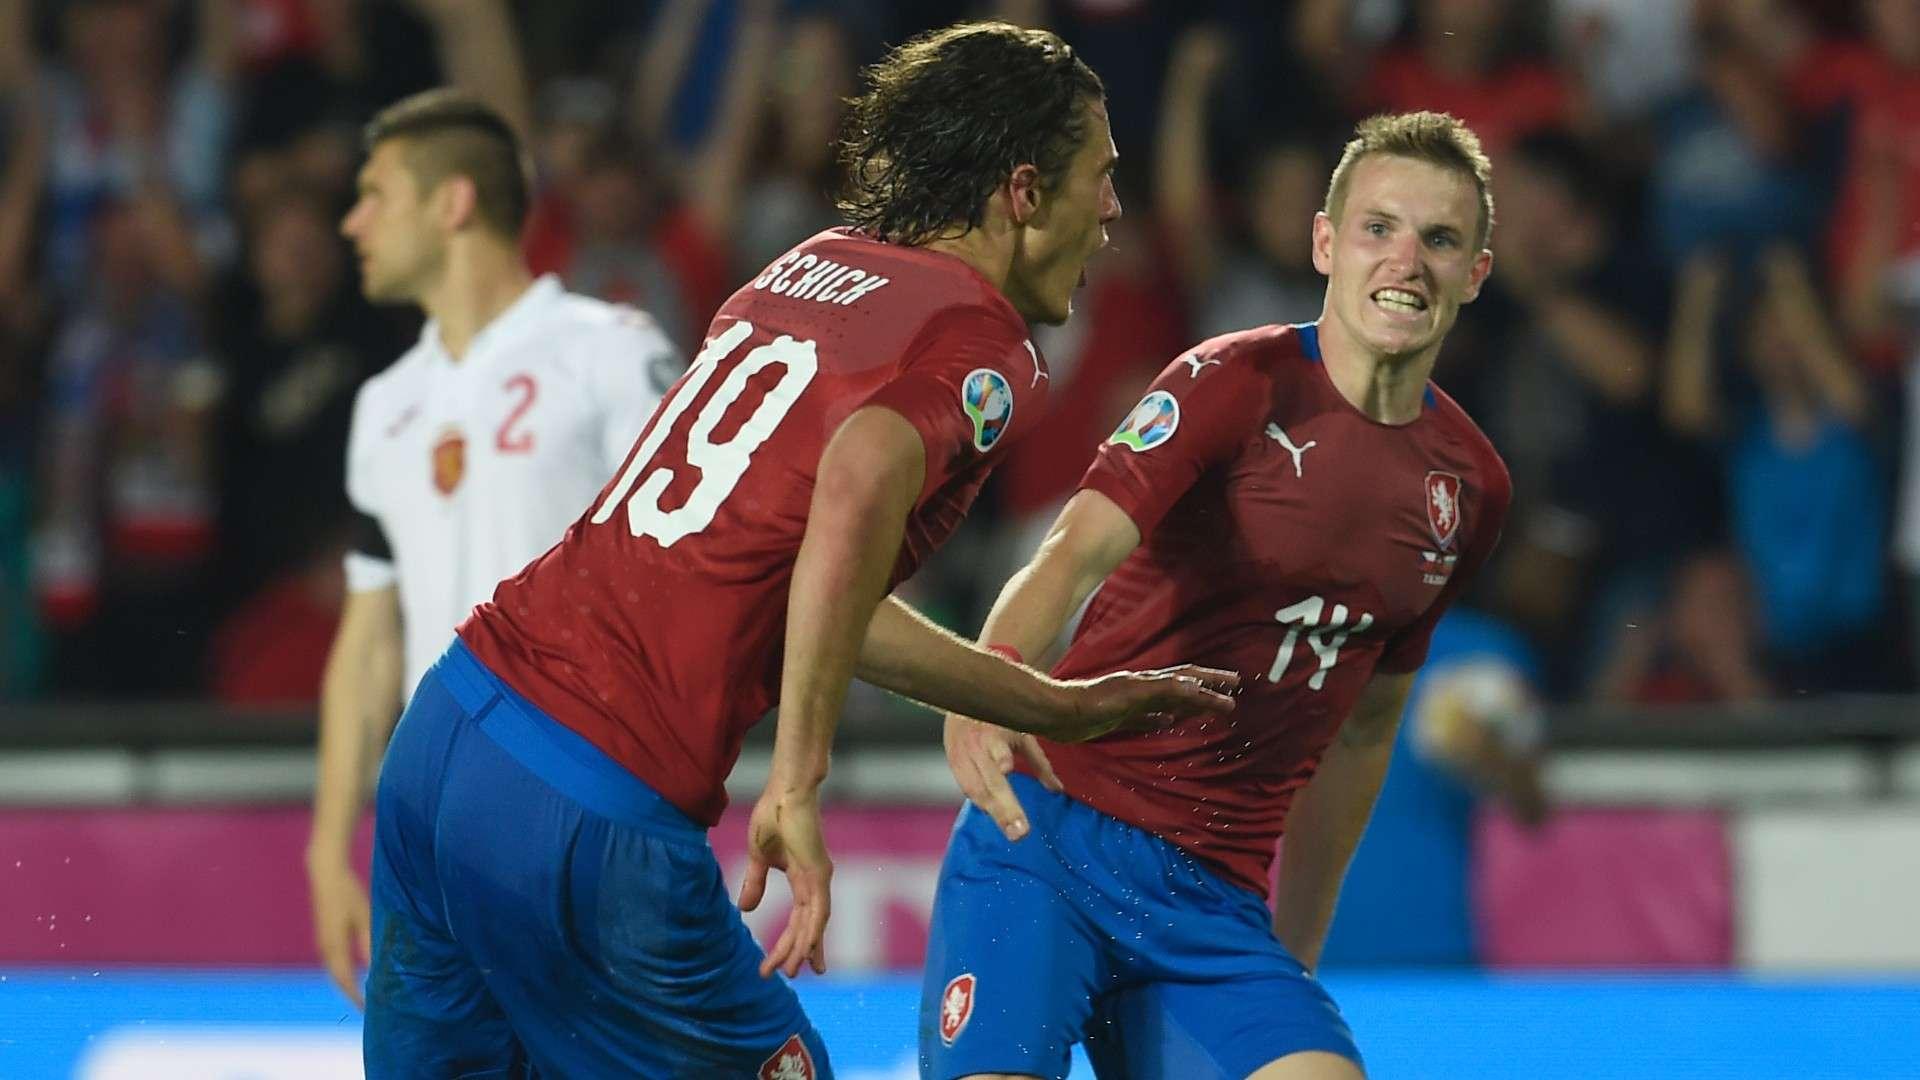 วิเคราะห์ฟุตบอล ยูฟ่า ยูโร 2020 รอบคัดเลือก | ทีมชาติเช็ก vs ทีมชาติอังกฤษ 11/10/19